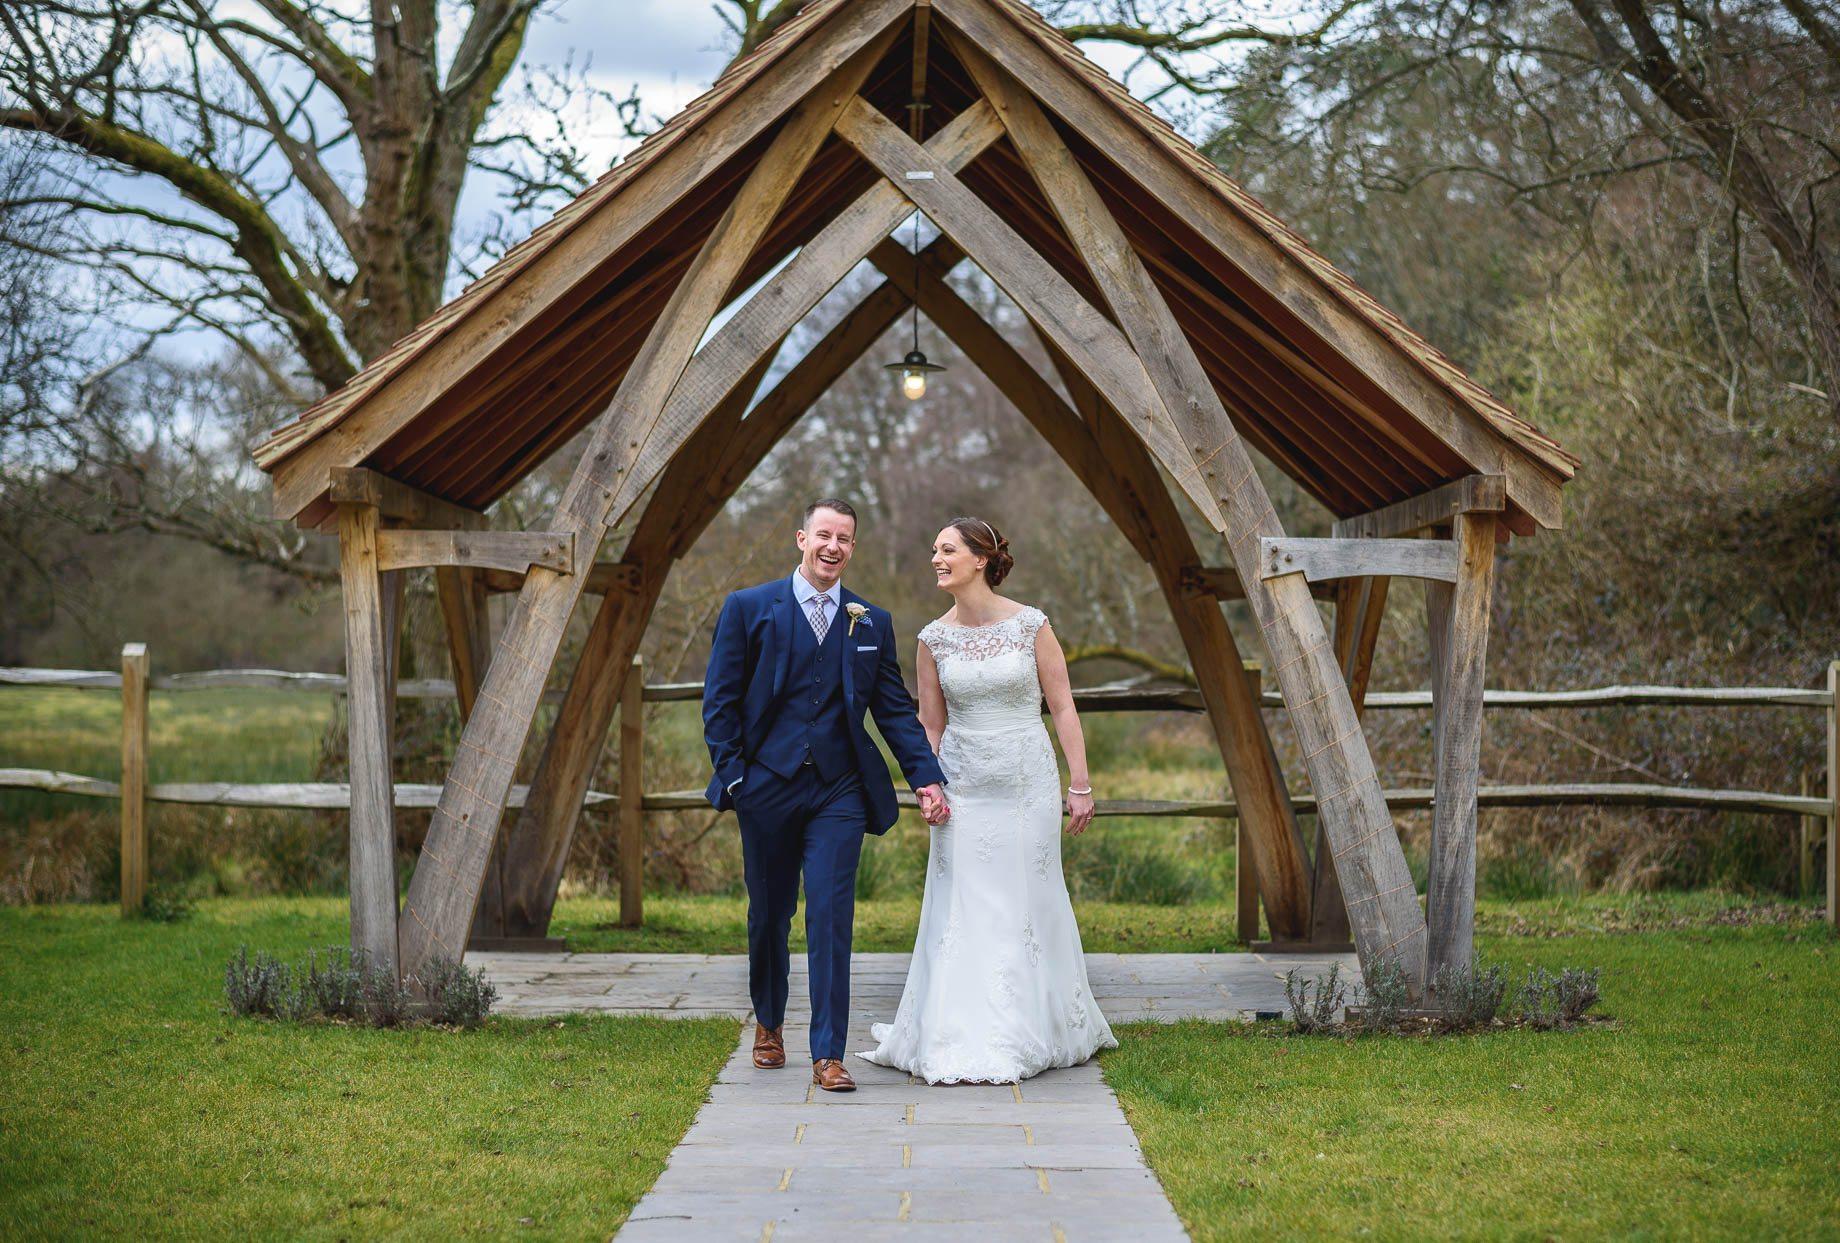 Millbridge Court Wedding Photography - Lisa and Daniel (90 of 173)